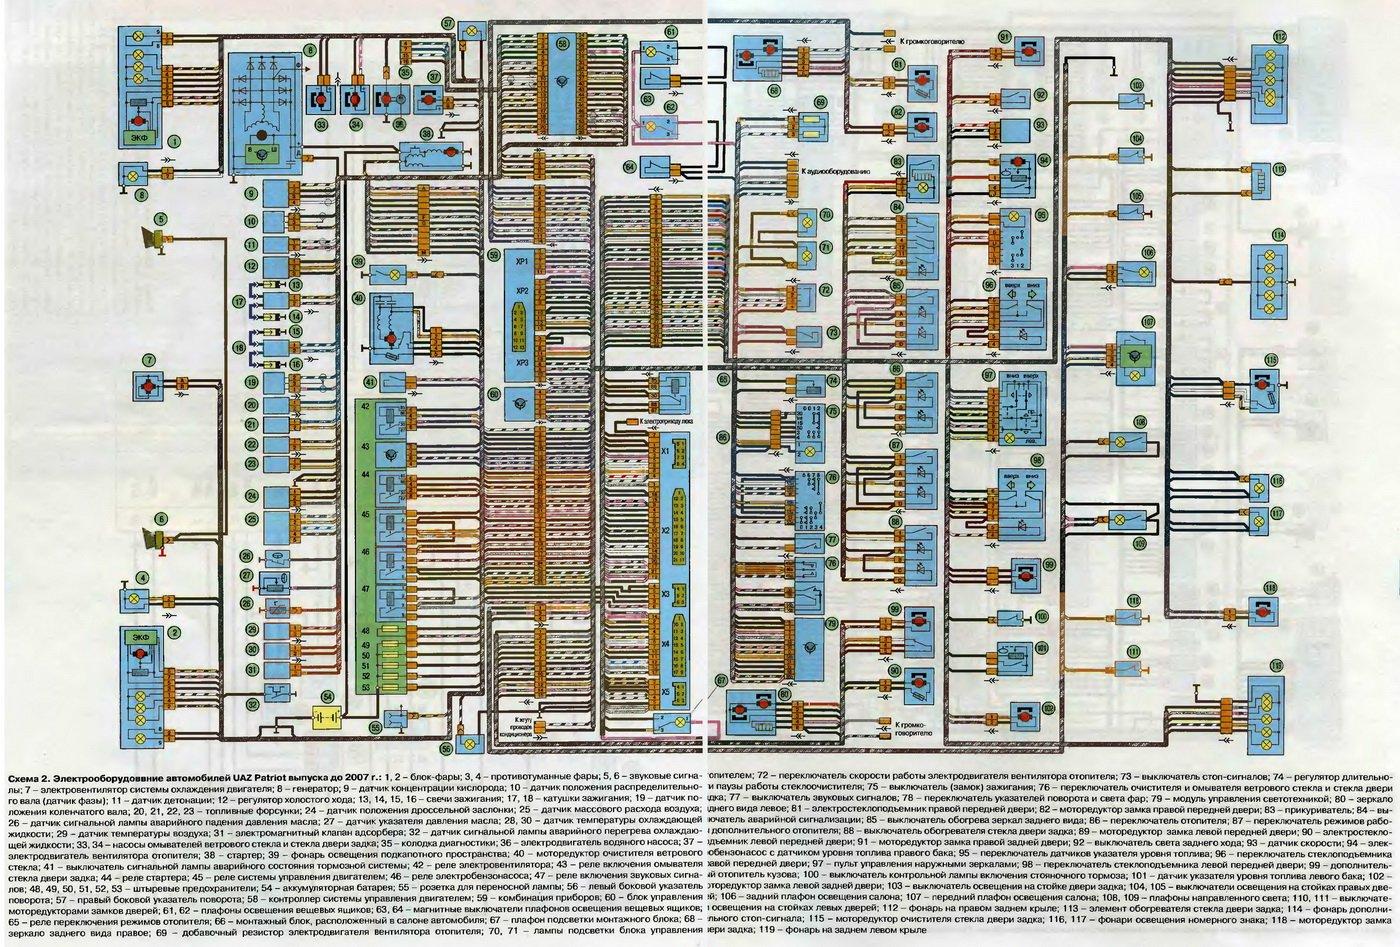 Электрооборудование уаз схема.